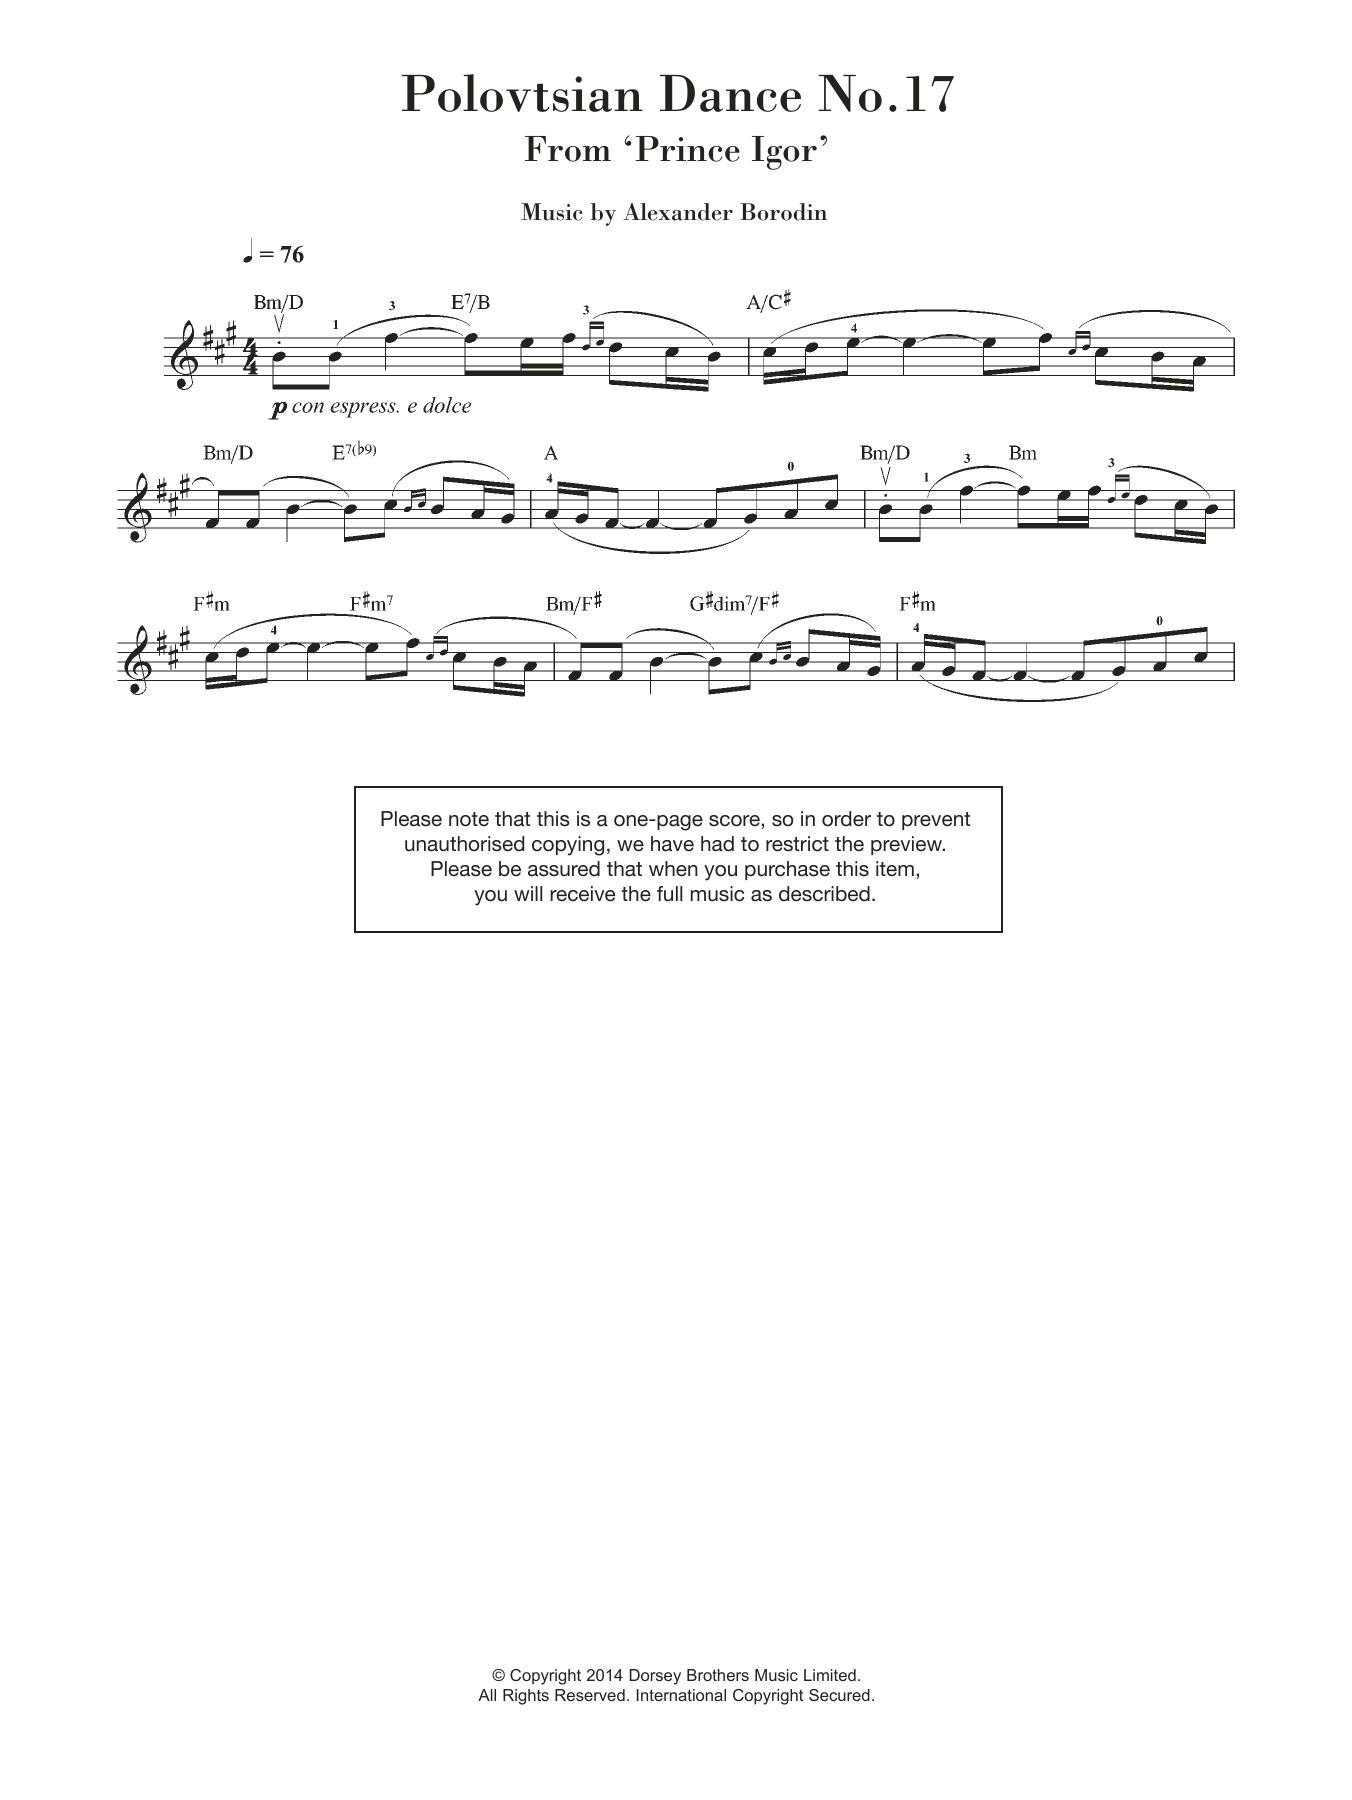 Polovtsian Dance No.17 (from 'Prince Igor') Sheet Music